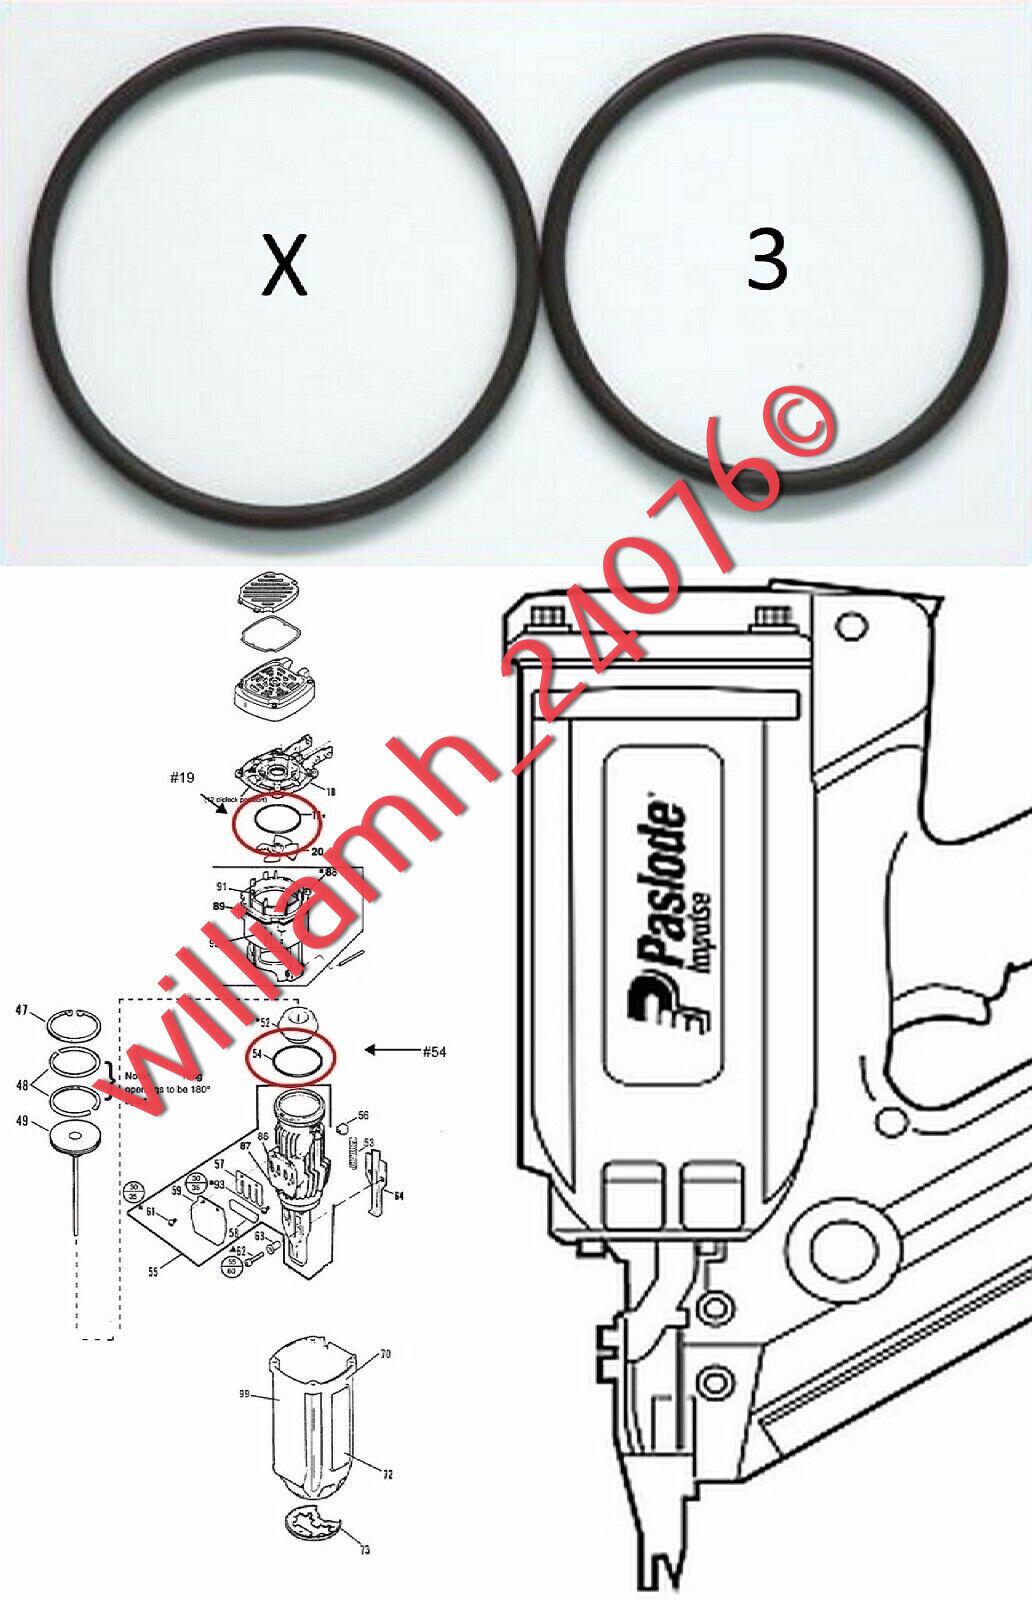 Paslode Parts Cordless Framing Nailer 900420 O-Ring Kits X3